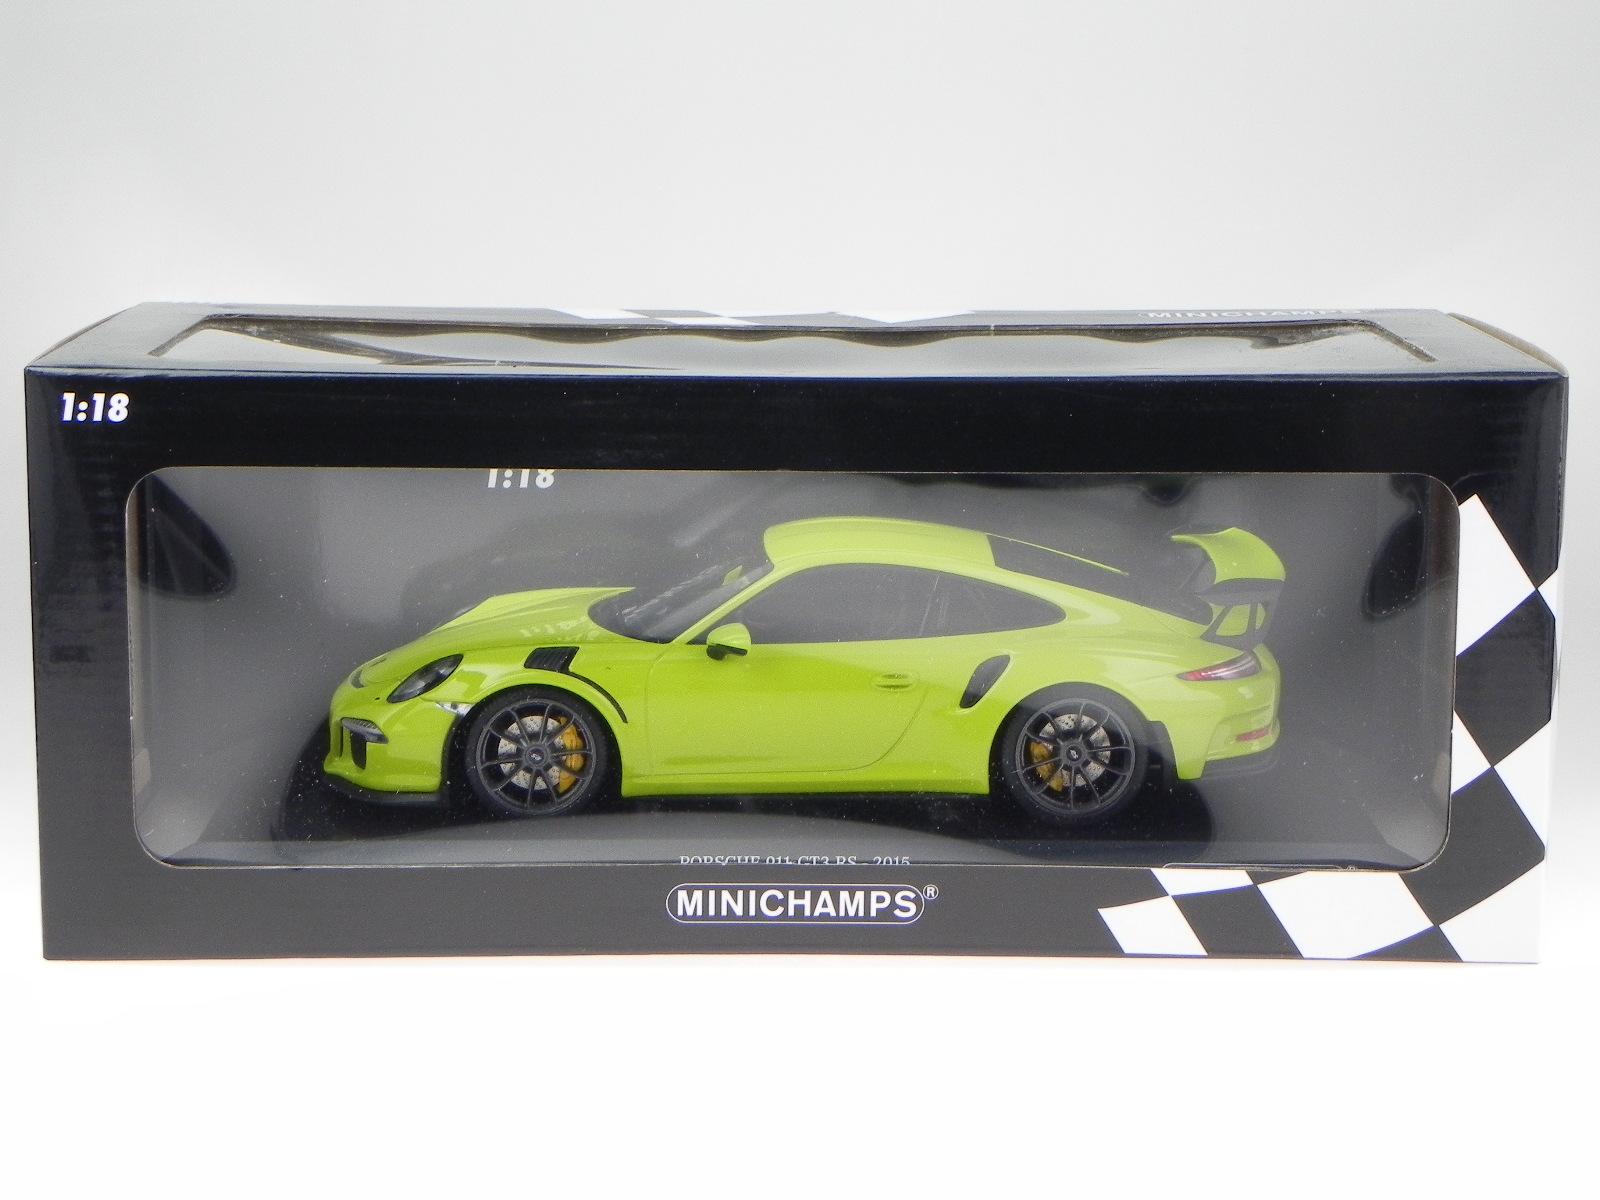 Porsche 911 991 GT3 RS 2013 vert véhicule miniature 155066222 155066222 155066222 Maxichamps 1:18 | Sortie  | Luxuriante Dans La Conception  | Outlet Online  a7e283